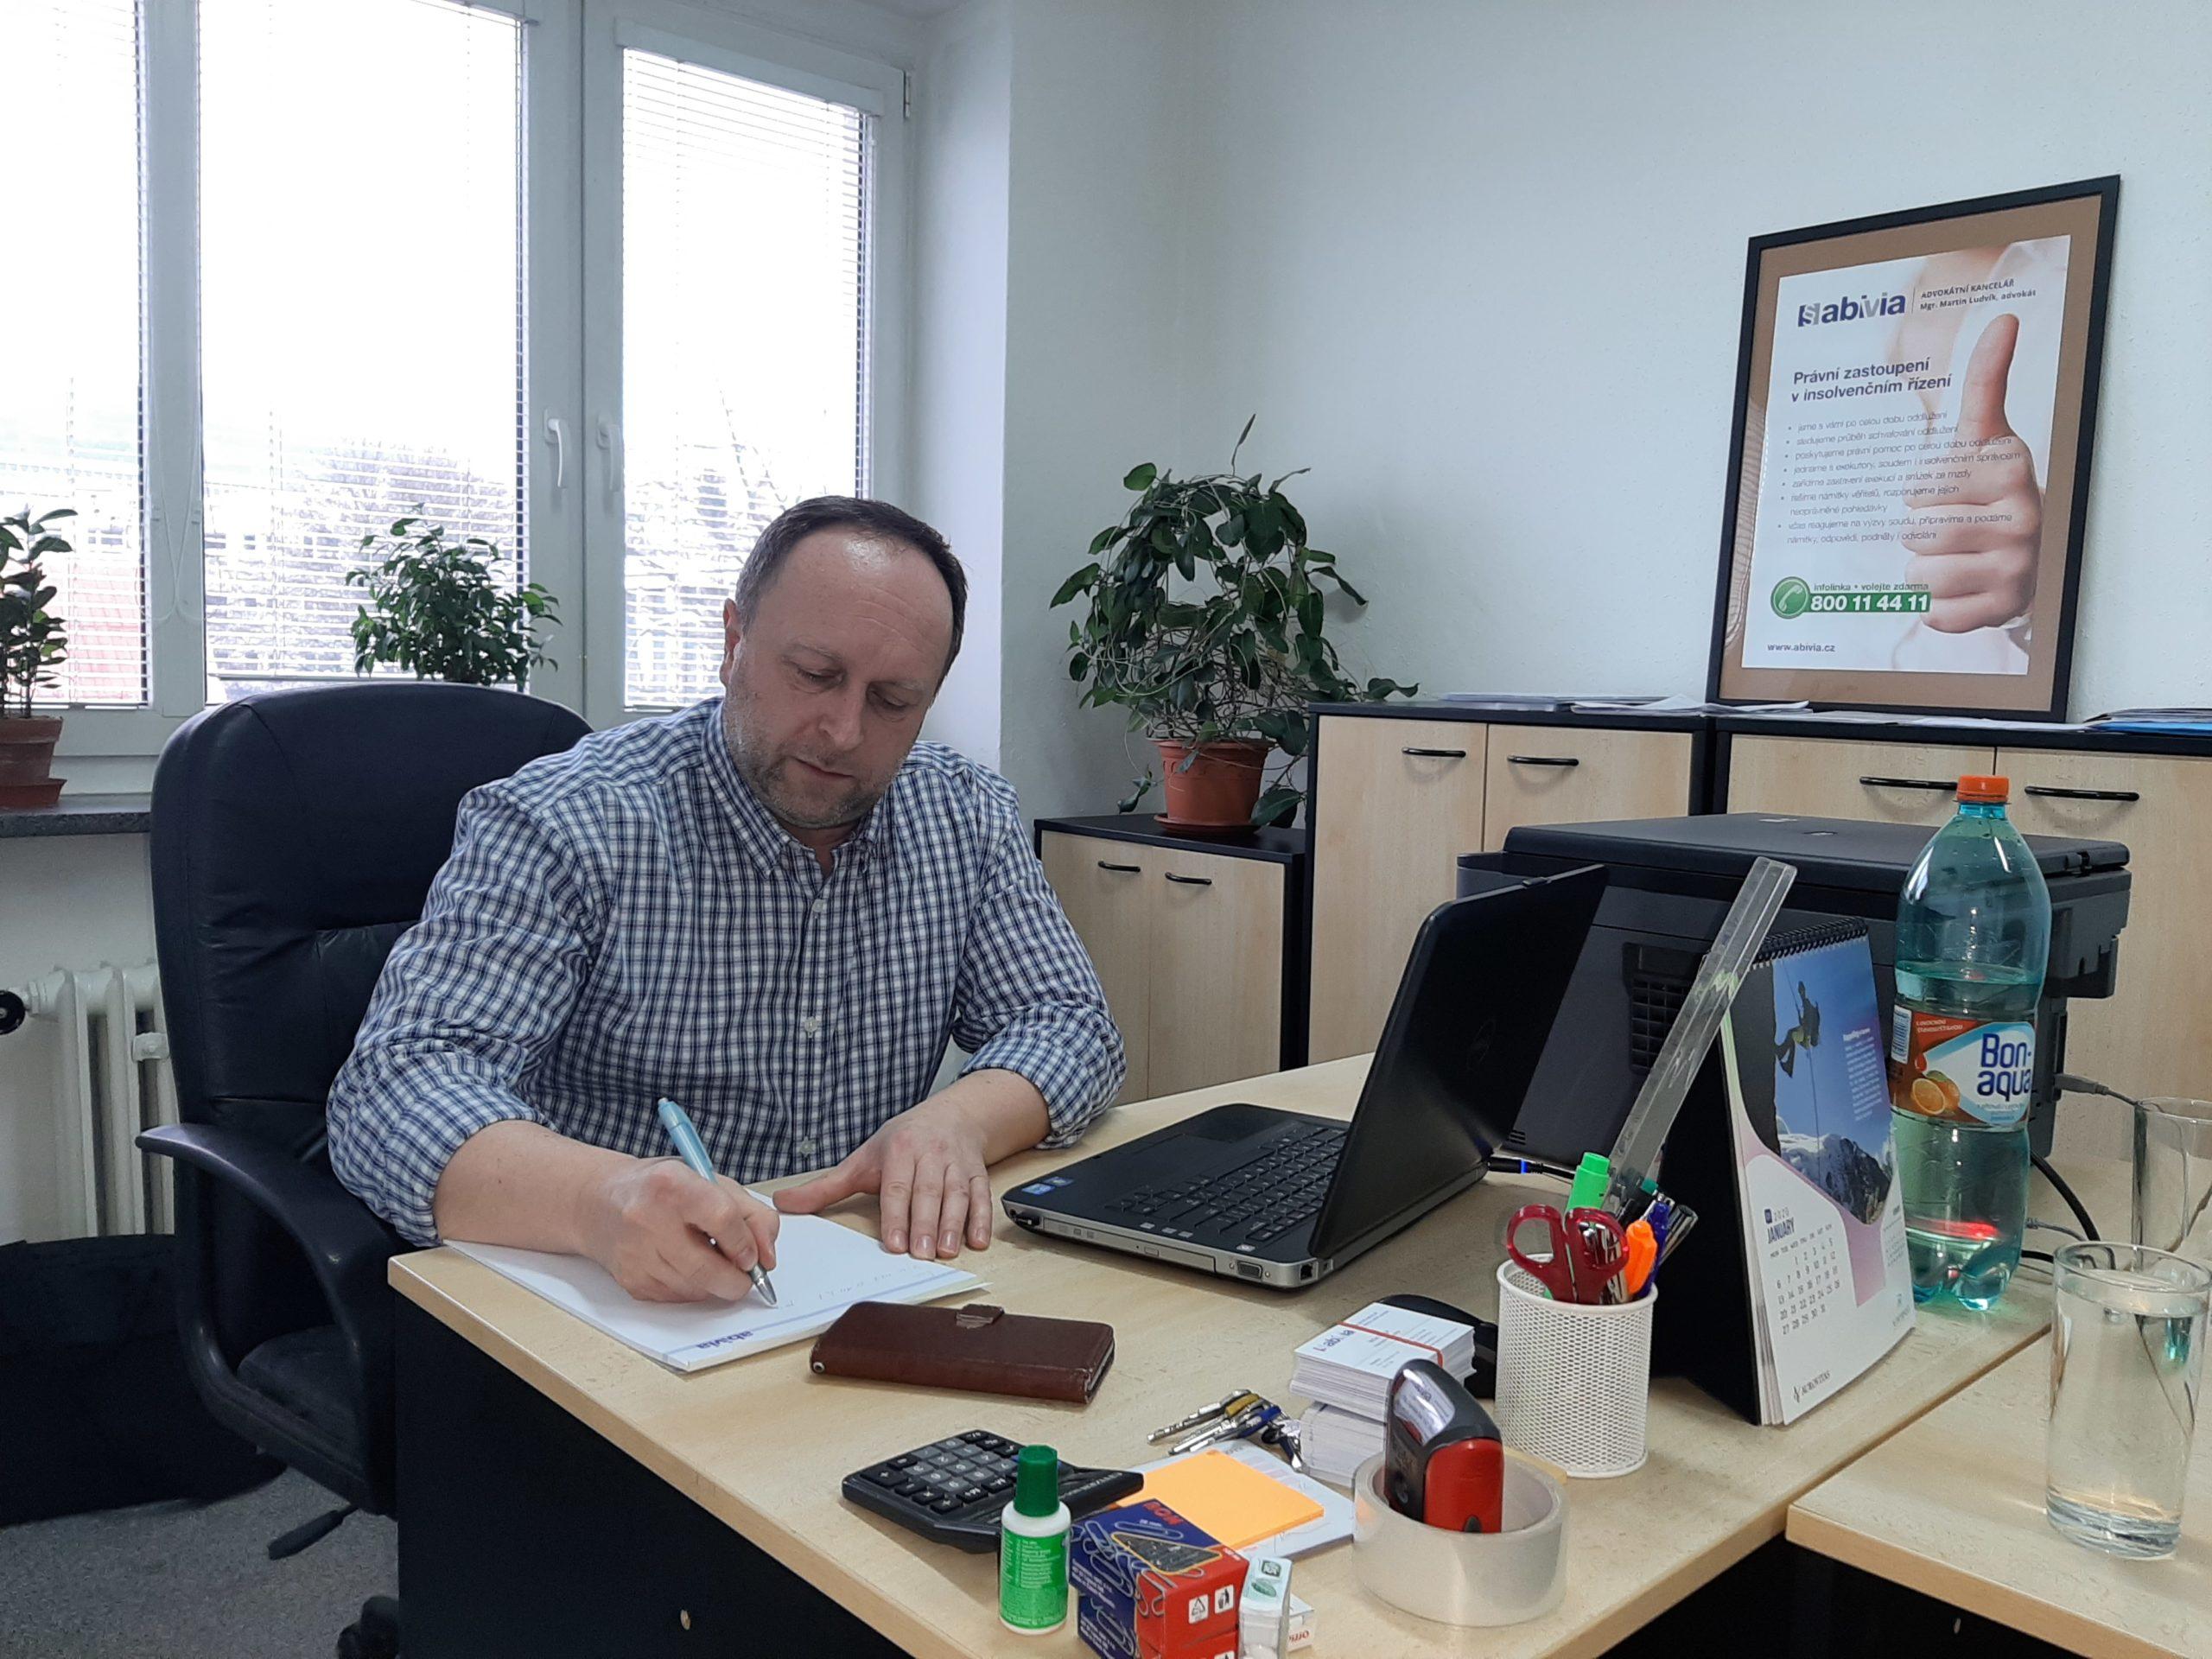 Milan Vozár Abivia oddlužení a insolvence Zlín